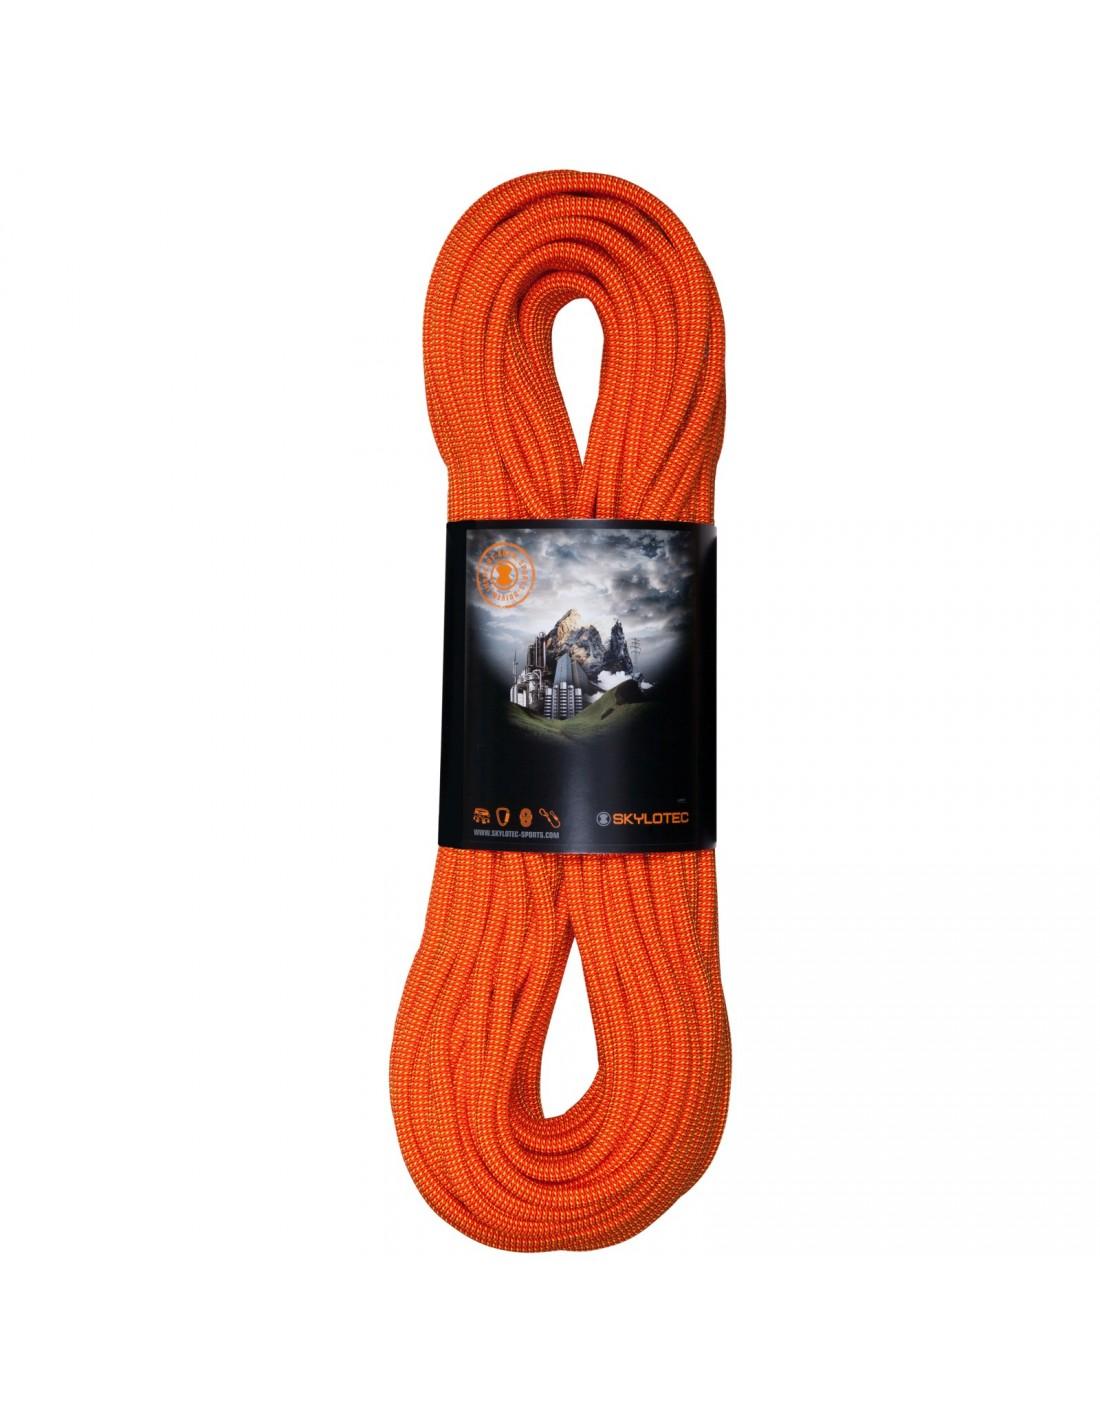 Skylotec Kletterseil New Way 9,4 80m orange Seilgewicht - 56 - 60 g / m, Seillä